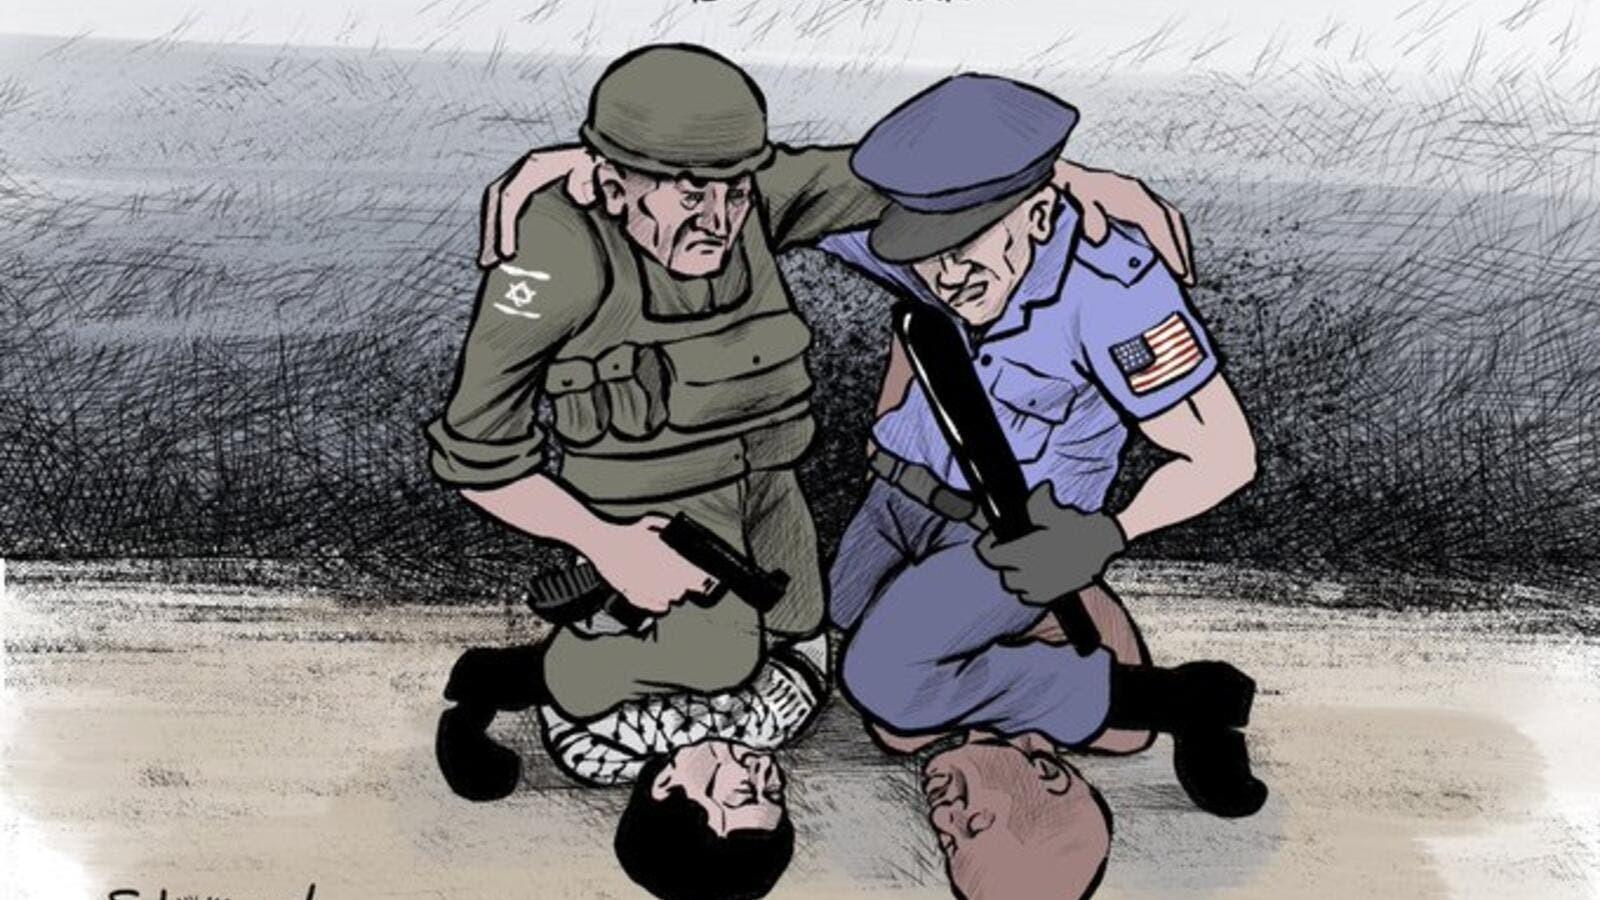 Explotando las protestas de Floyd para demonizar a Israel – Por Alan Dershowitz (Jerusalem Post)